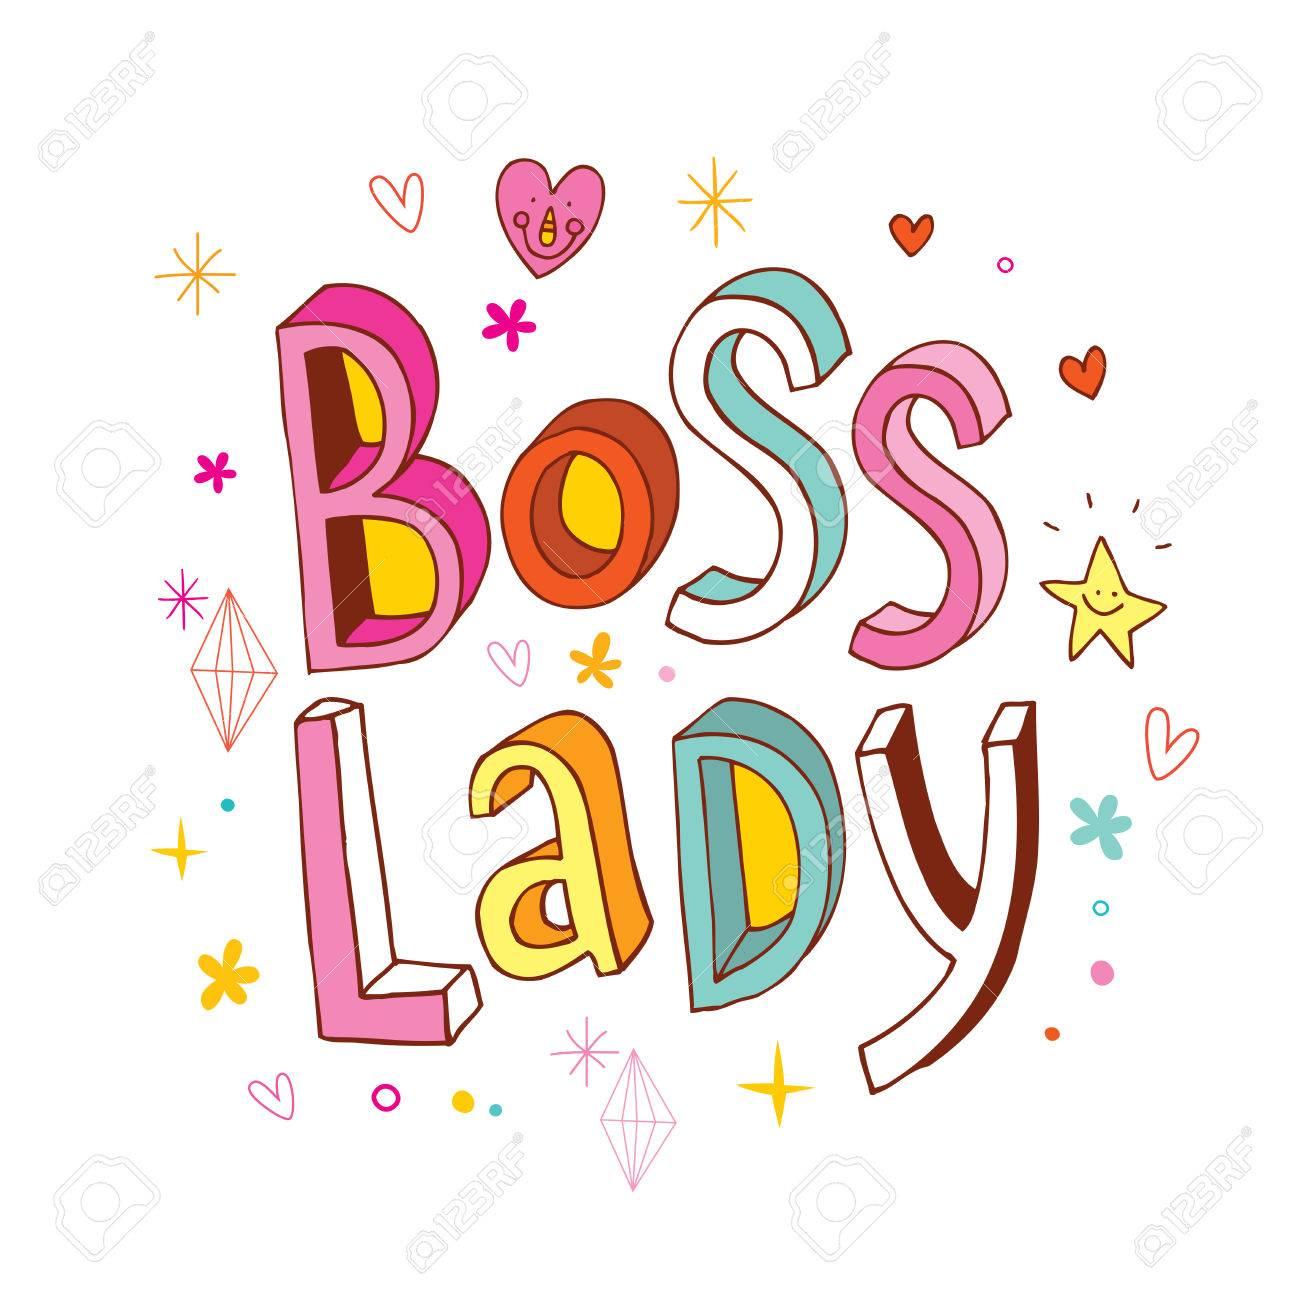 Boss Lady fancy word on white.